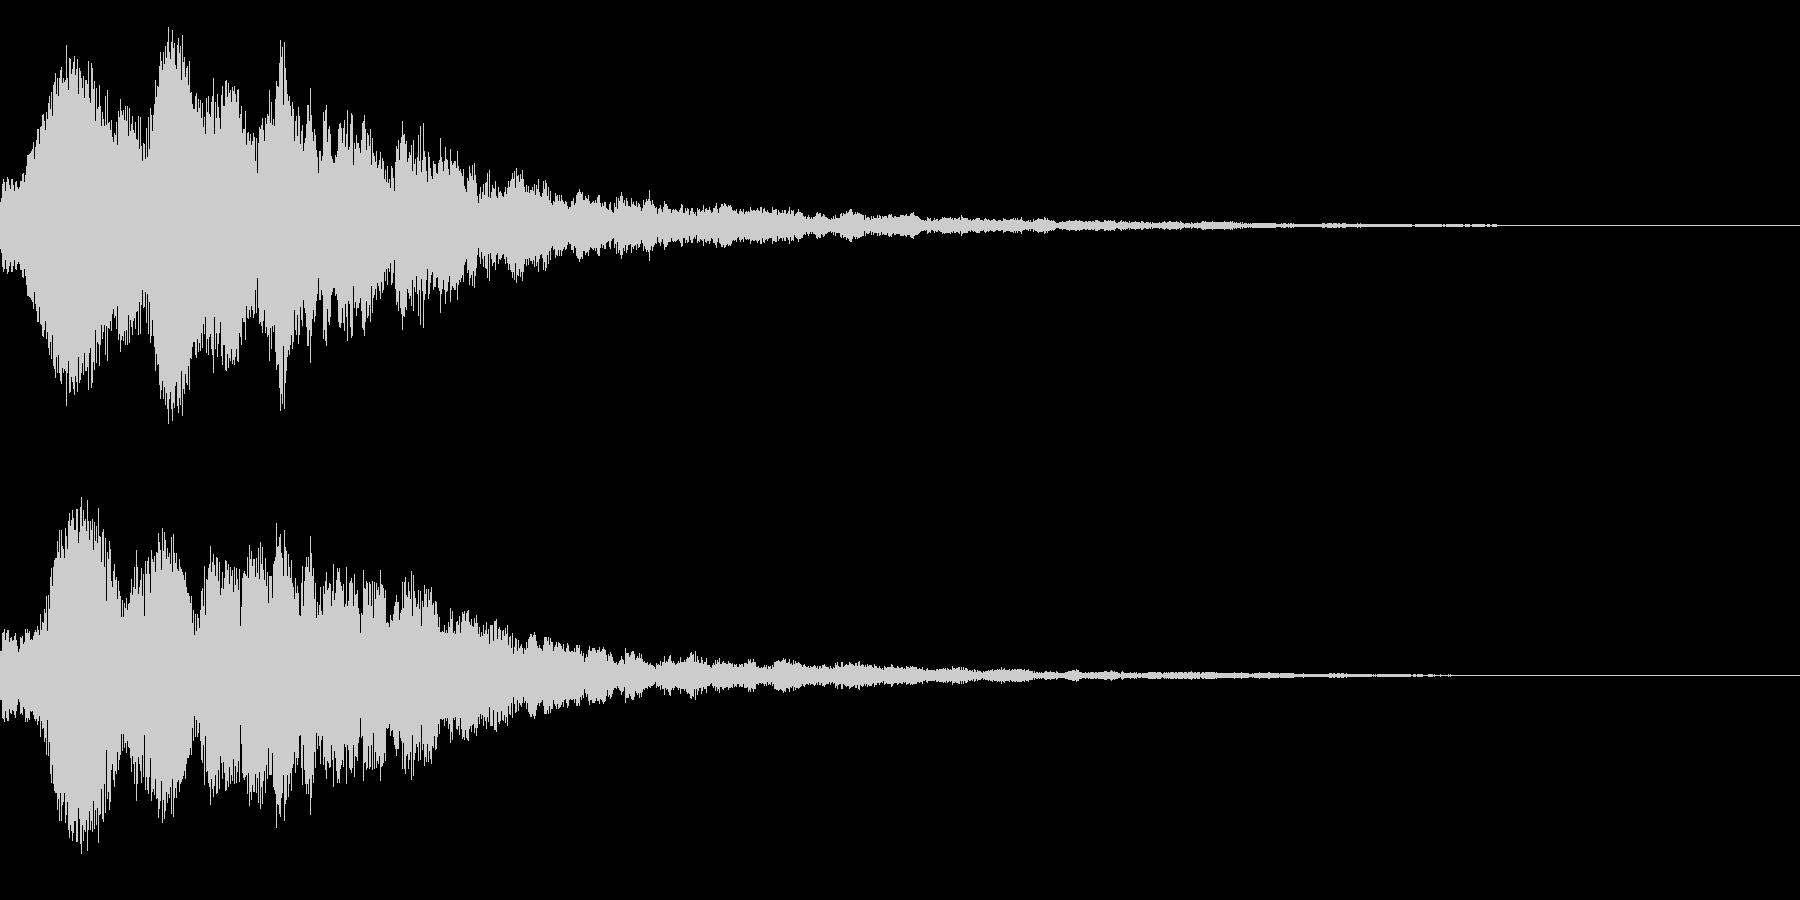 明るいテロップ音 ボタン音 決定音!06の未再生の波形